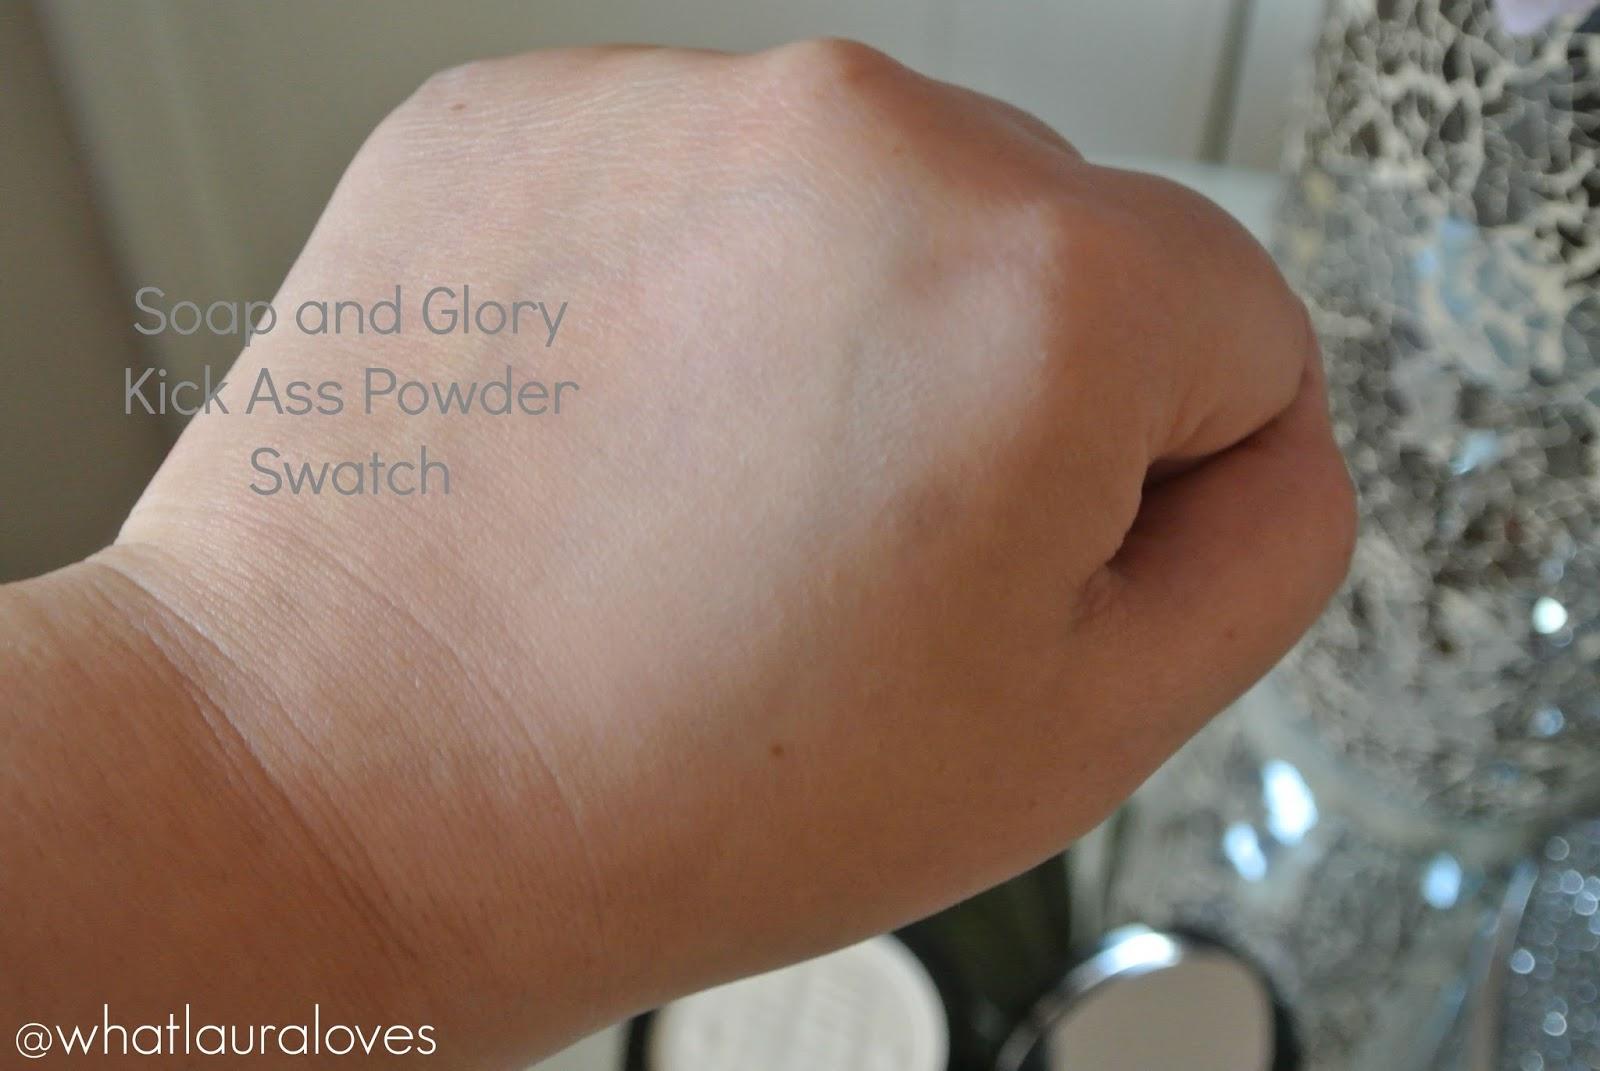 Soap and Glory Kick Ass Powder Swatch